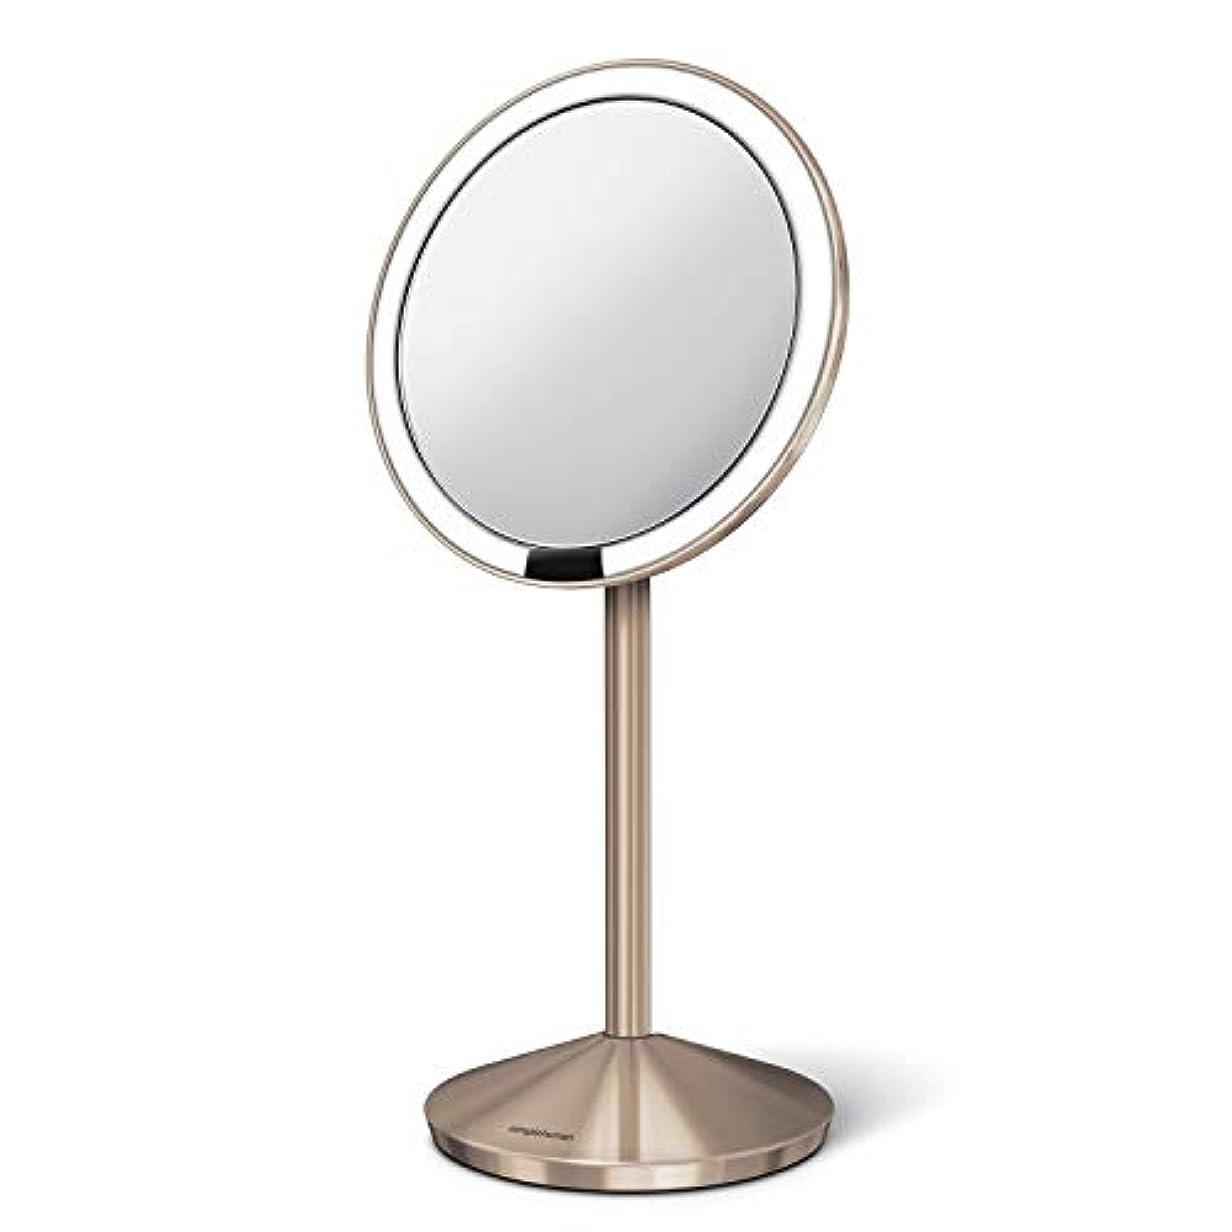 ハンマー消去迷信simplehuman 5インチセンサーミラー 照明付きメイクアップミラー 10倍拡大 ステンレススチール 5 inch diameter ゴールド ST3010